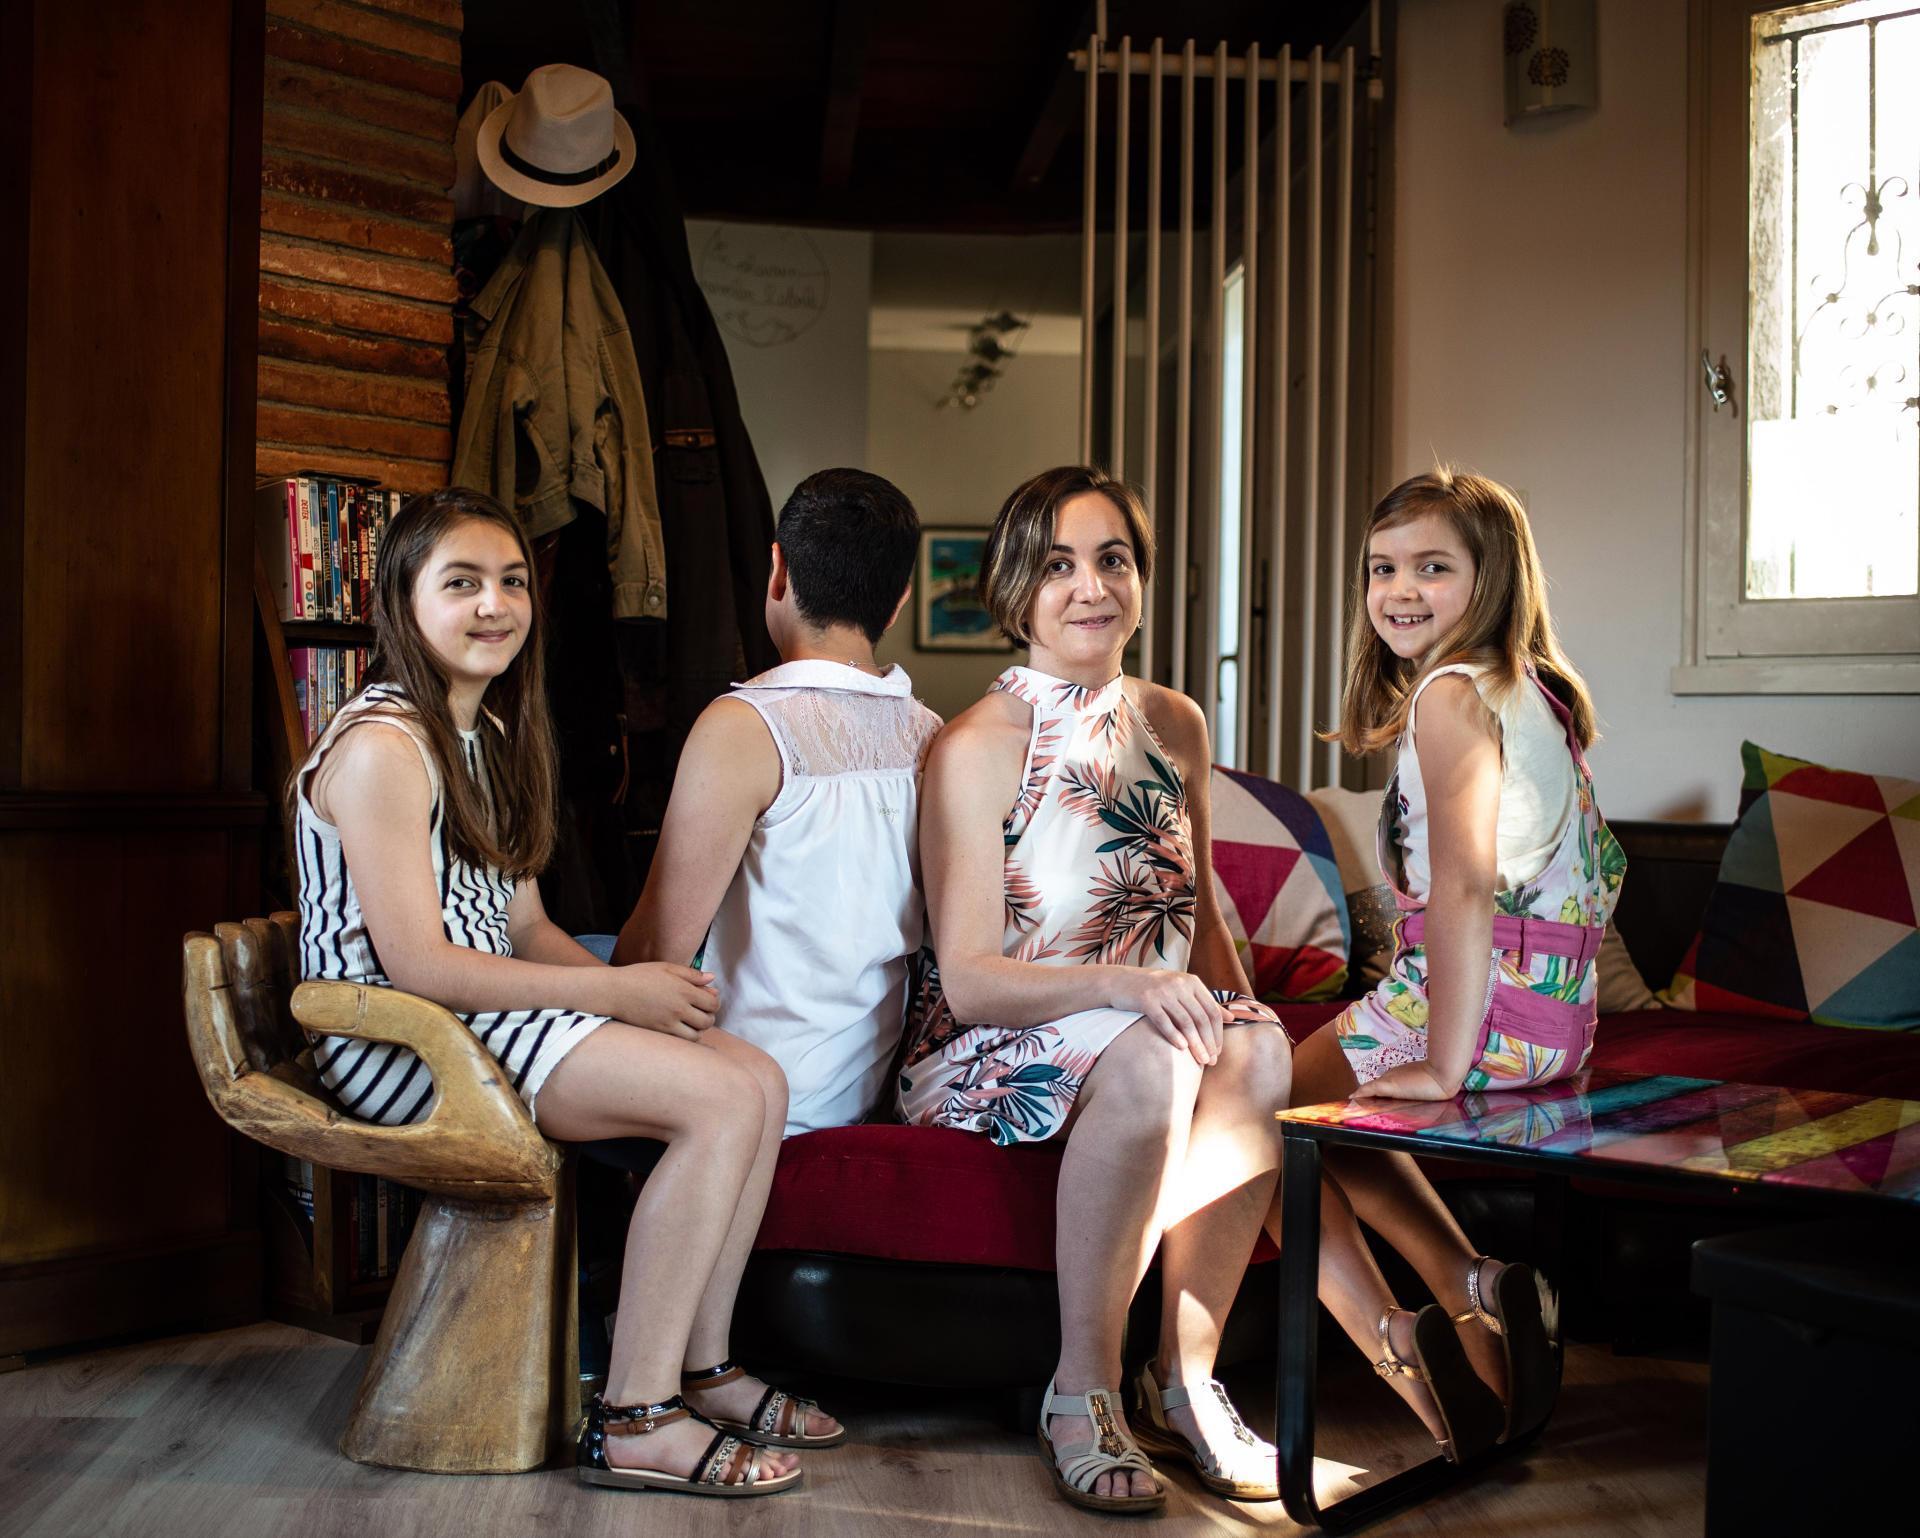 Jorami et Alexia, entourées d'Eden, 12 ans, et Chaïli-Rose, 8 ans, dans la maison familliale à Muret, près de Toulouse, le 26 juin 2021.